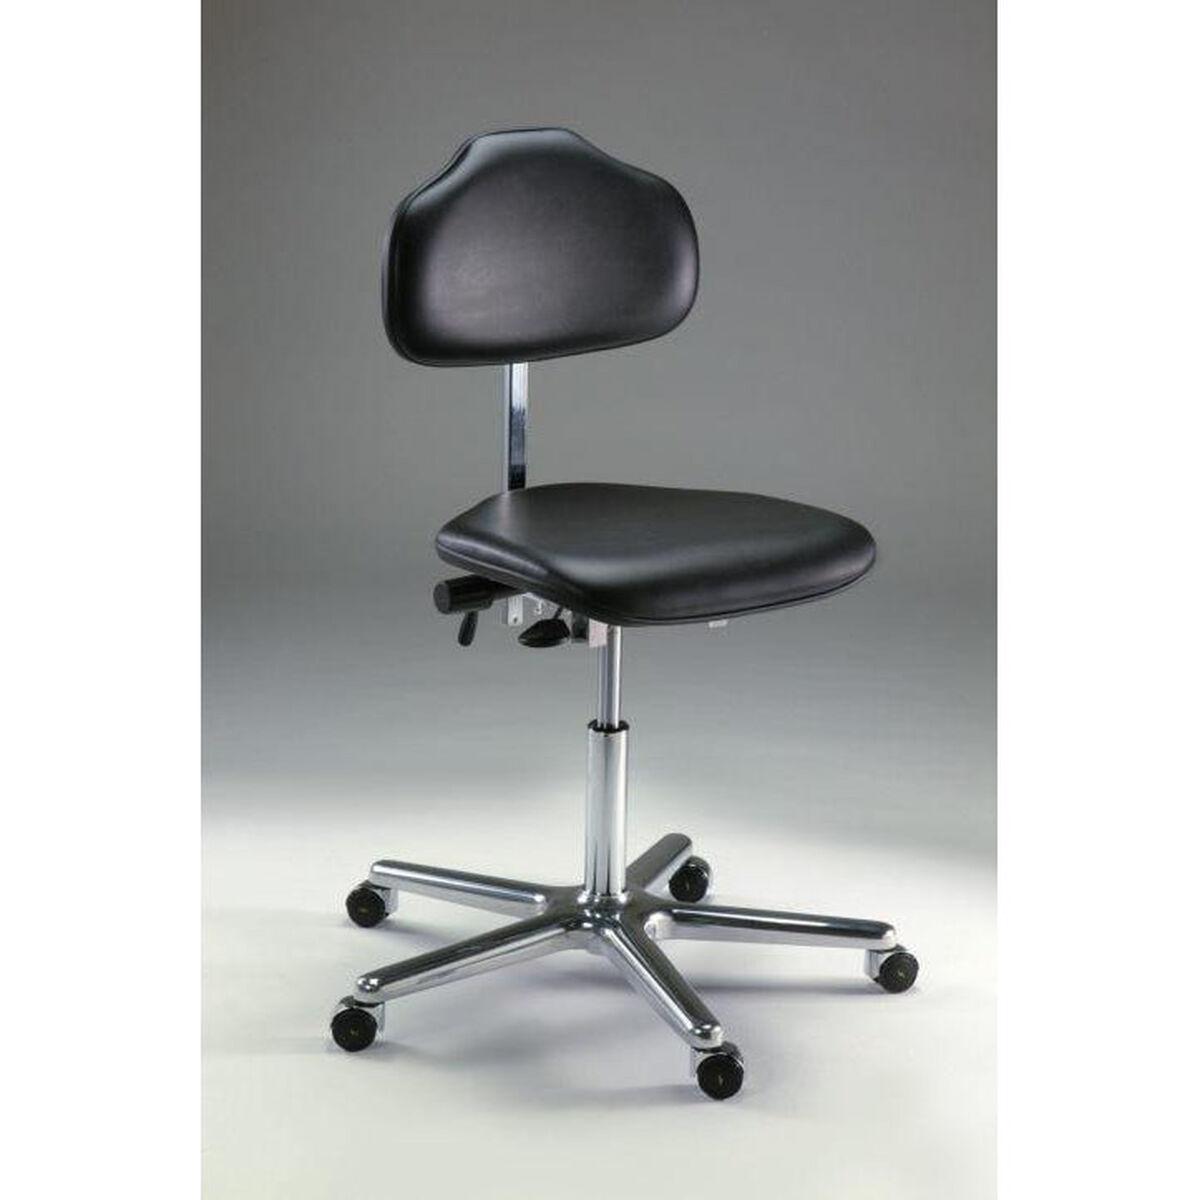 Stera Class 10 Clean Room Chair Ws1720 Bizchair Com